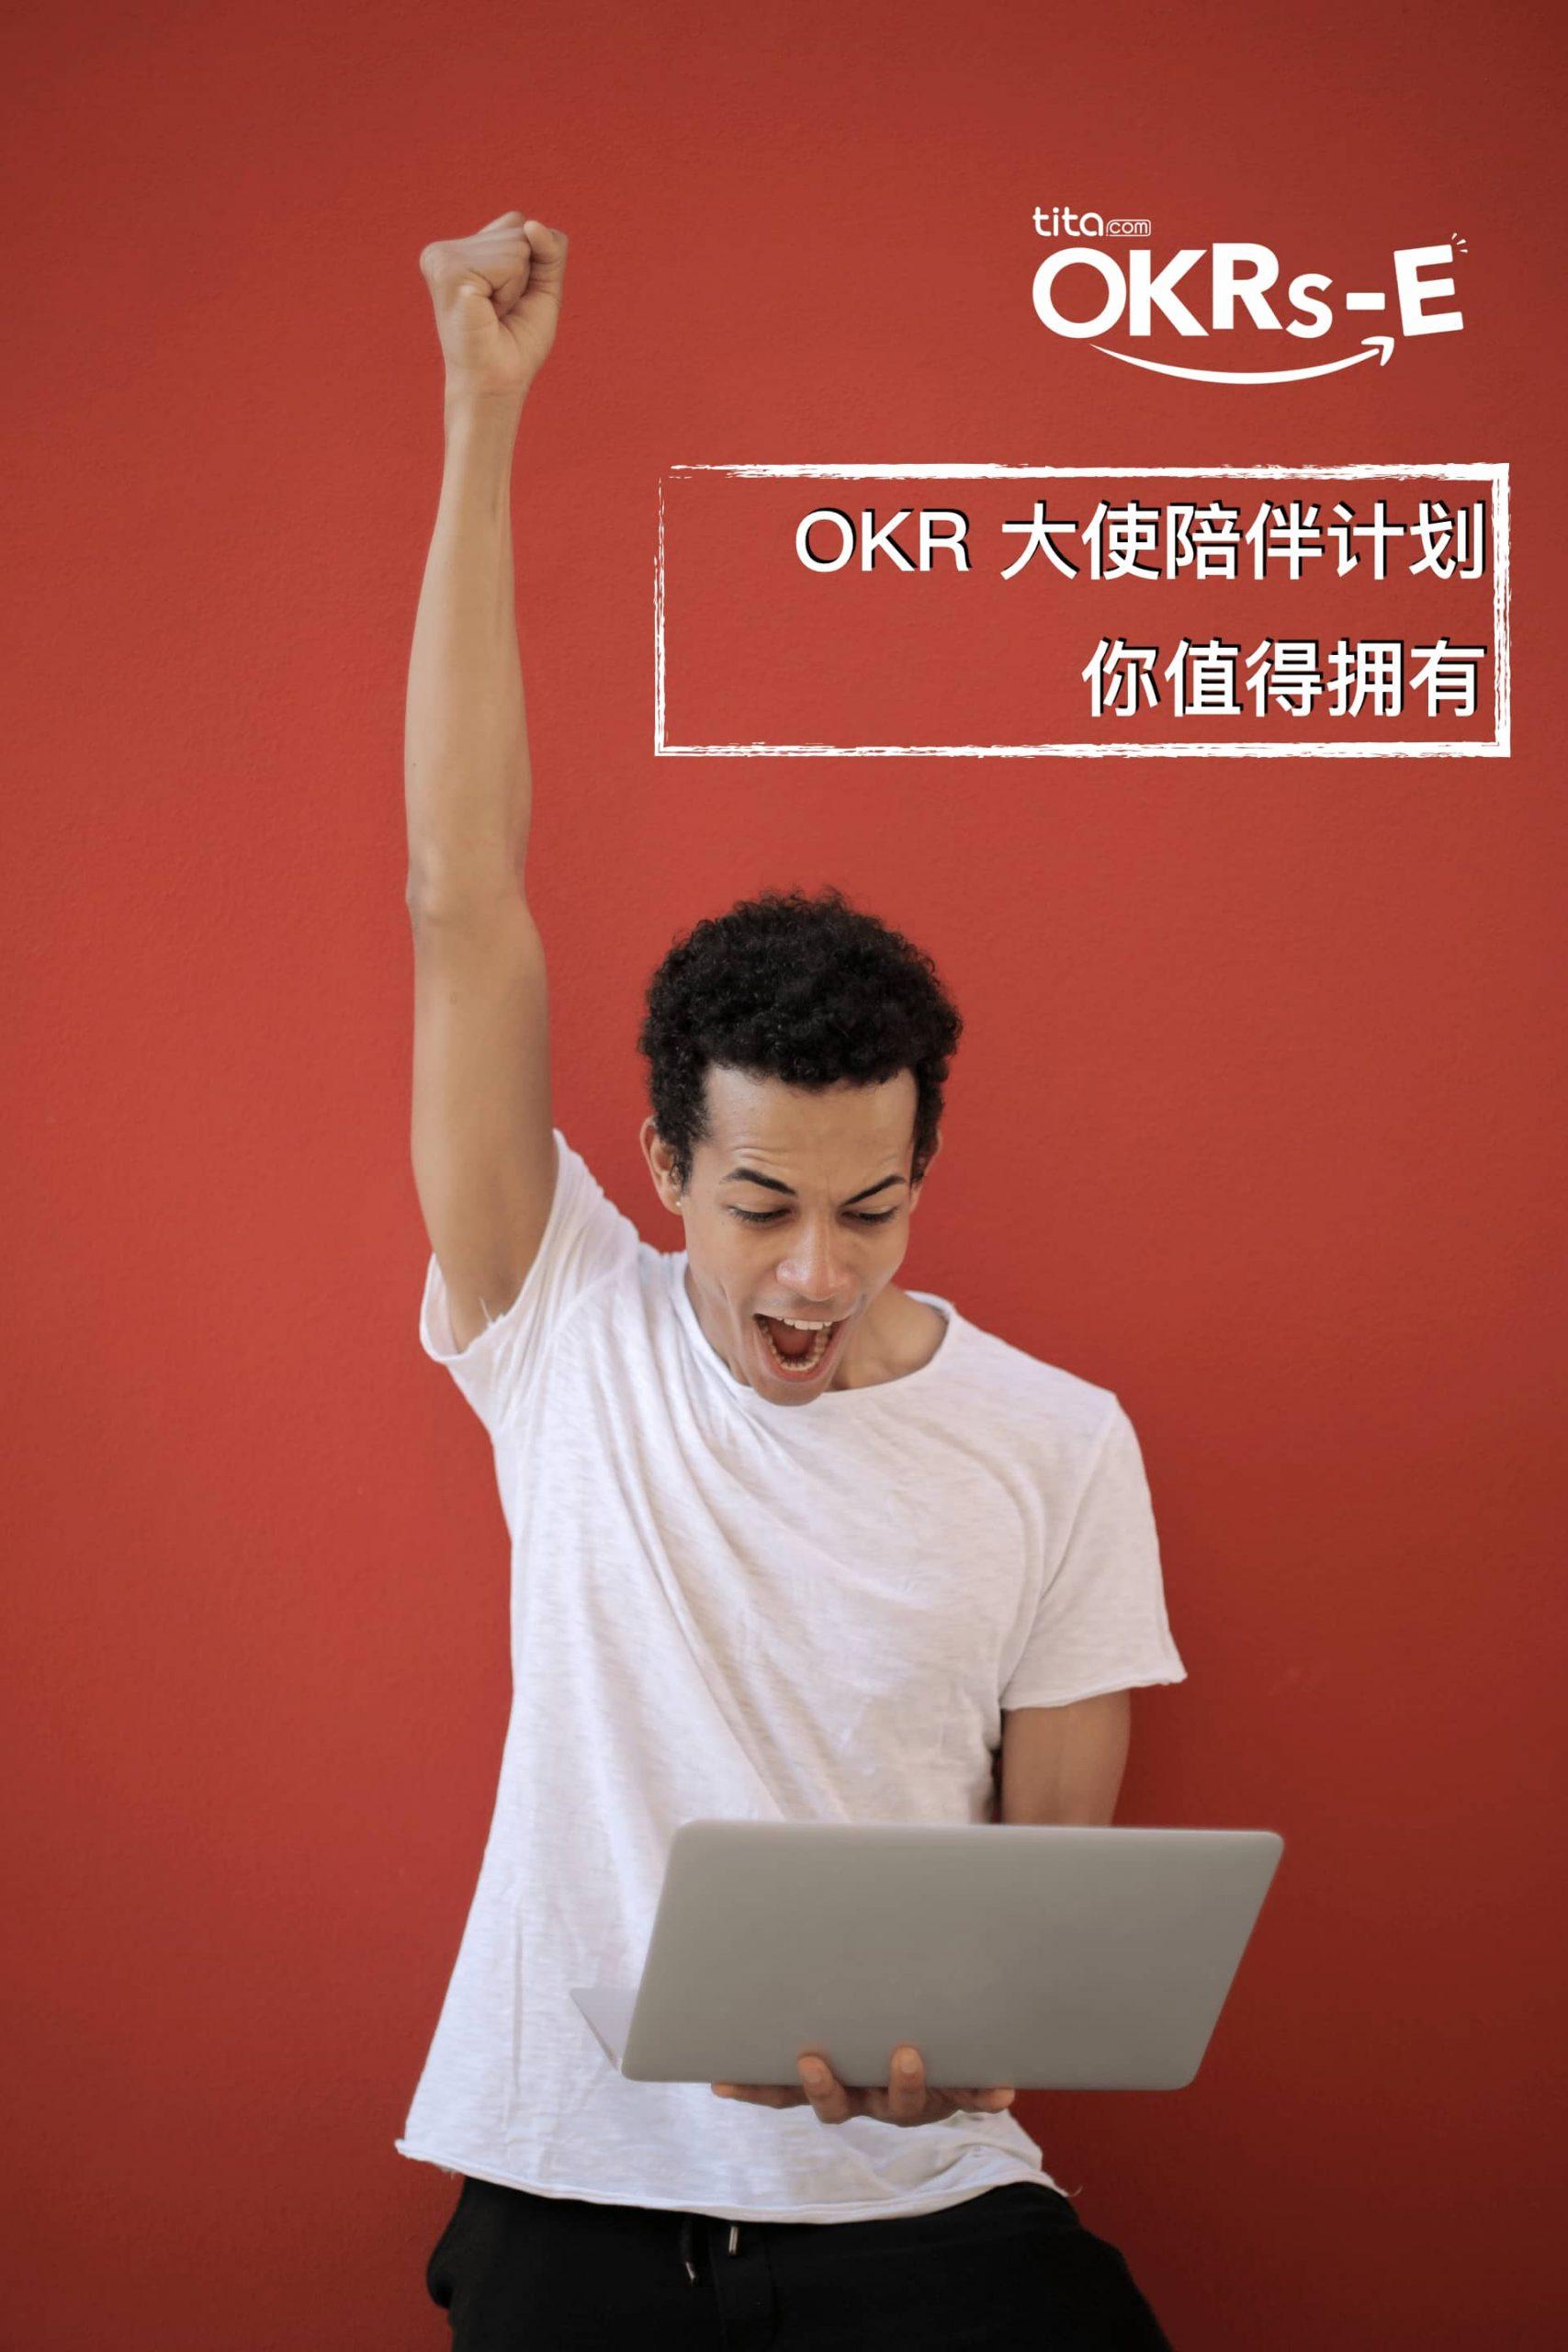 OKR 大使陪伴计划 - 用心陪伴 💖